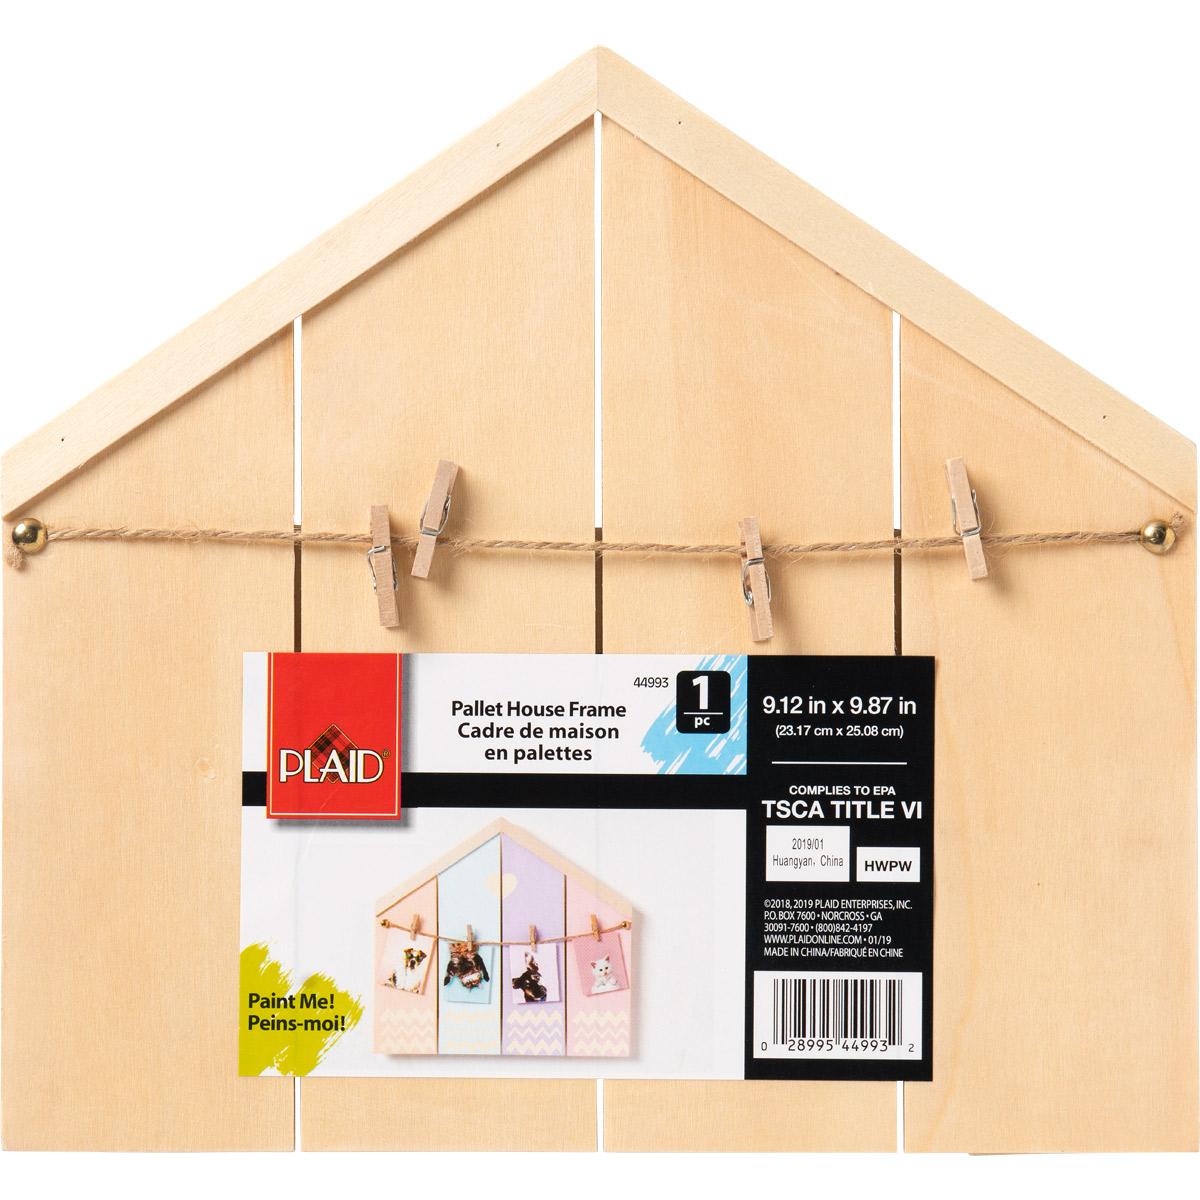 Plaid ® Wood Surfaces - Pallet House, 10.81